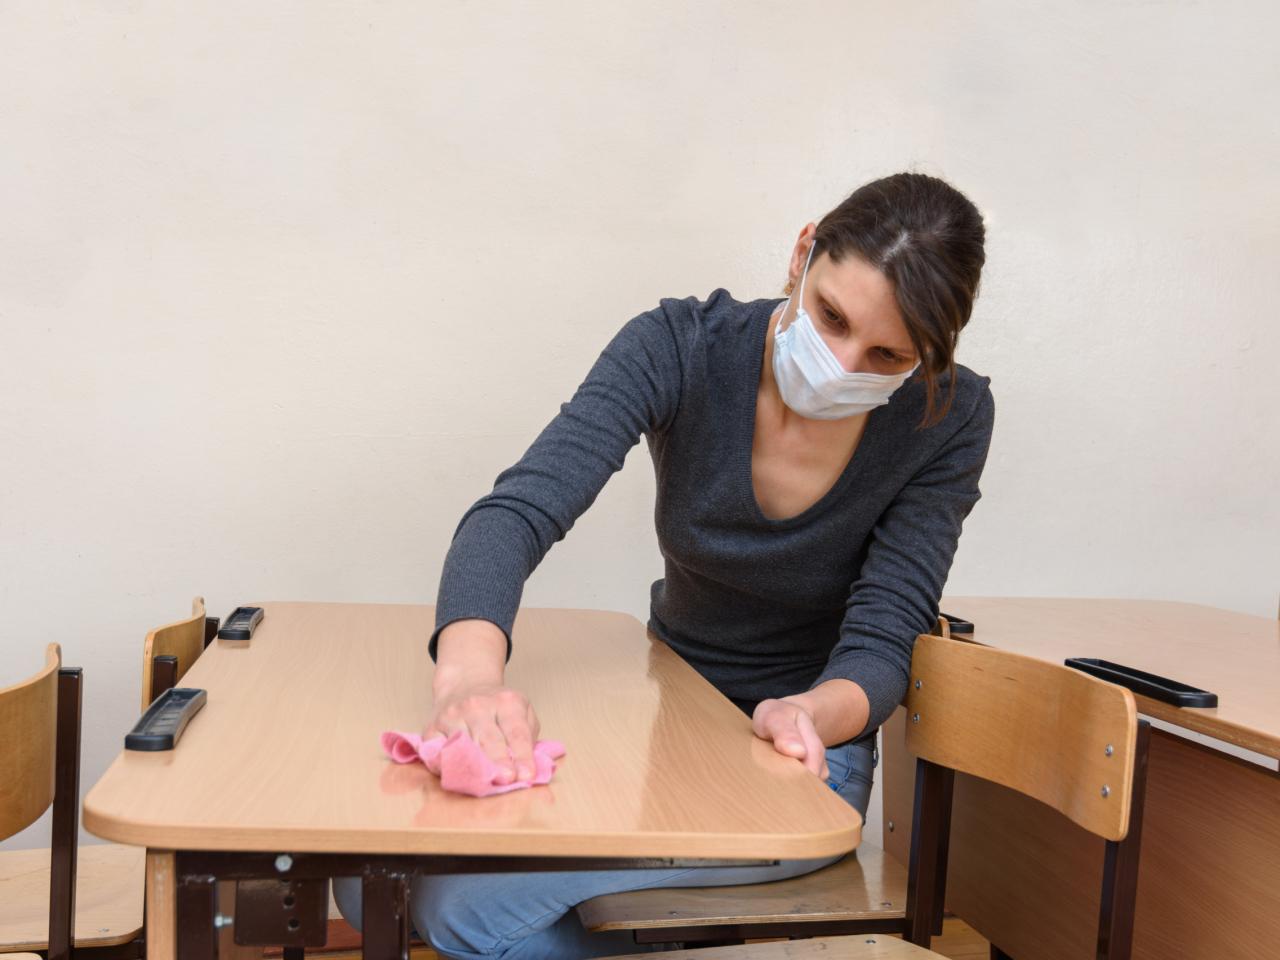 Frau desinfiziert Schreibtisch und trägt dabei eine Maske